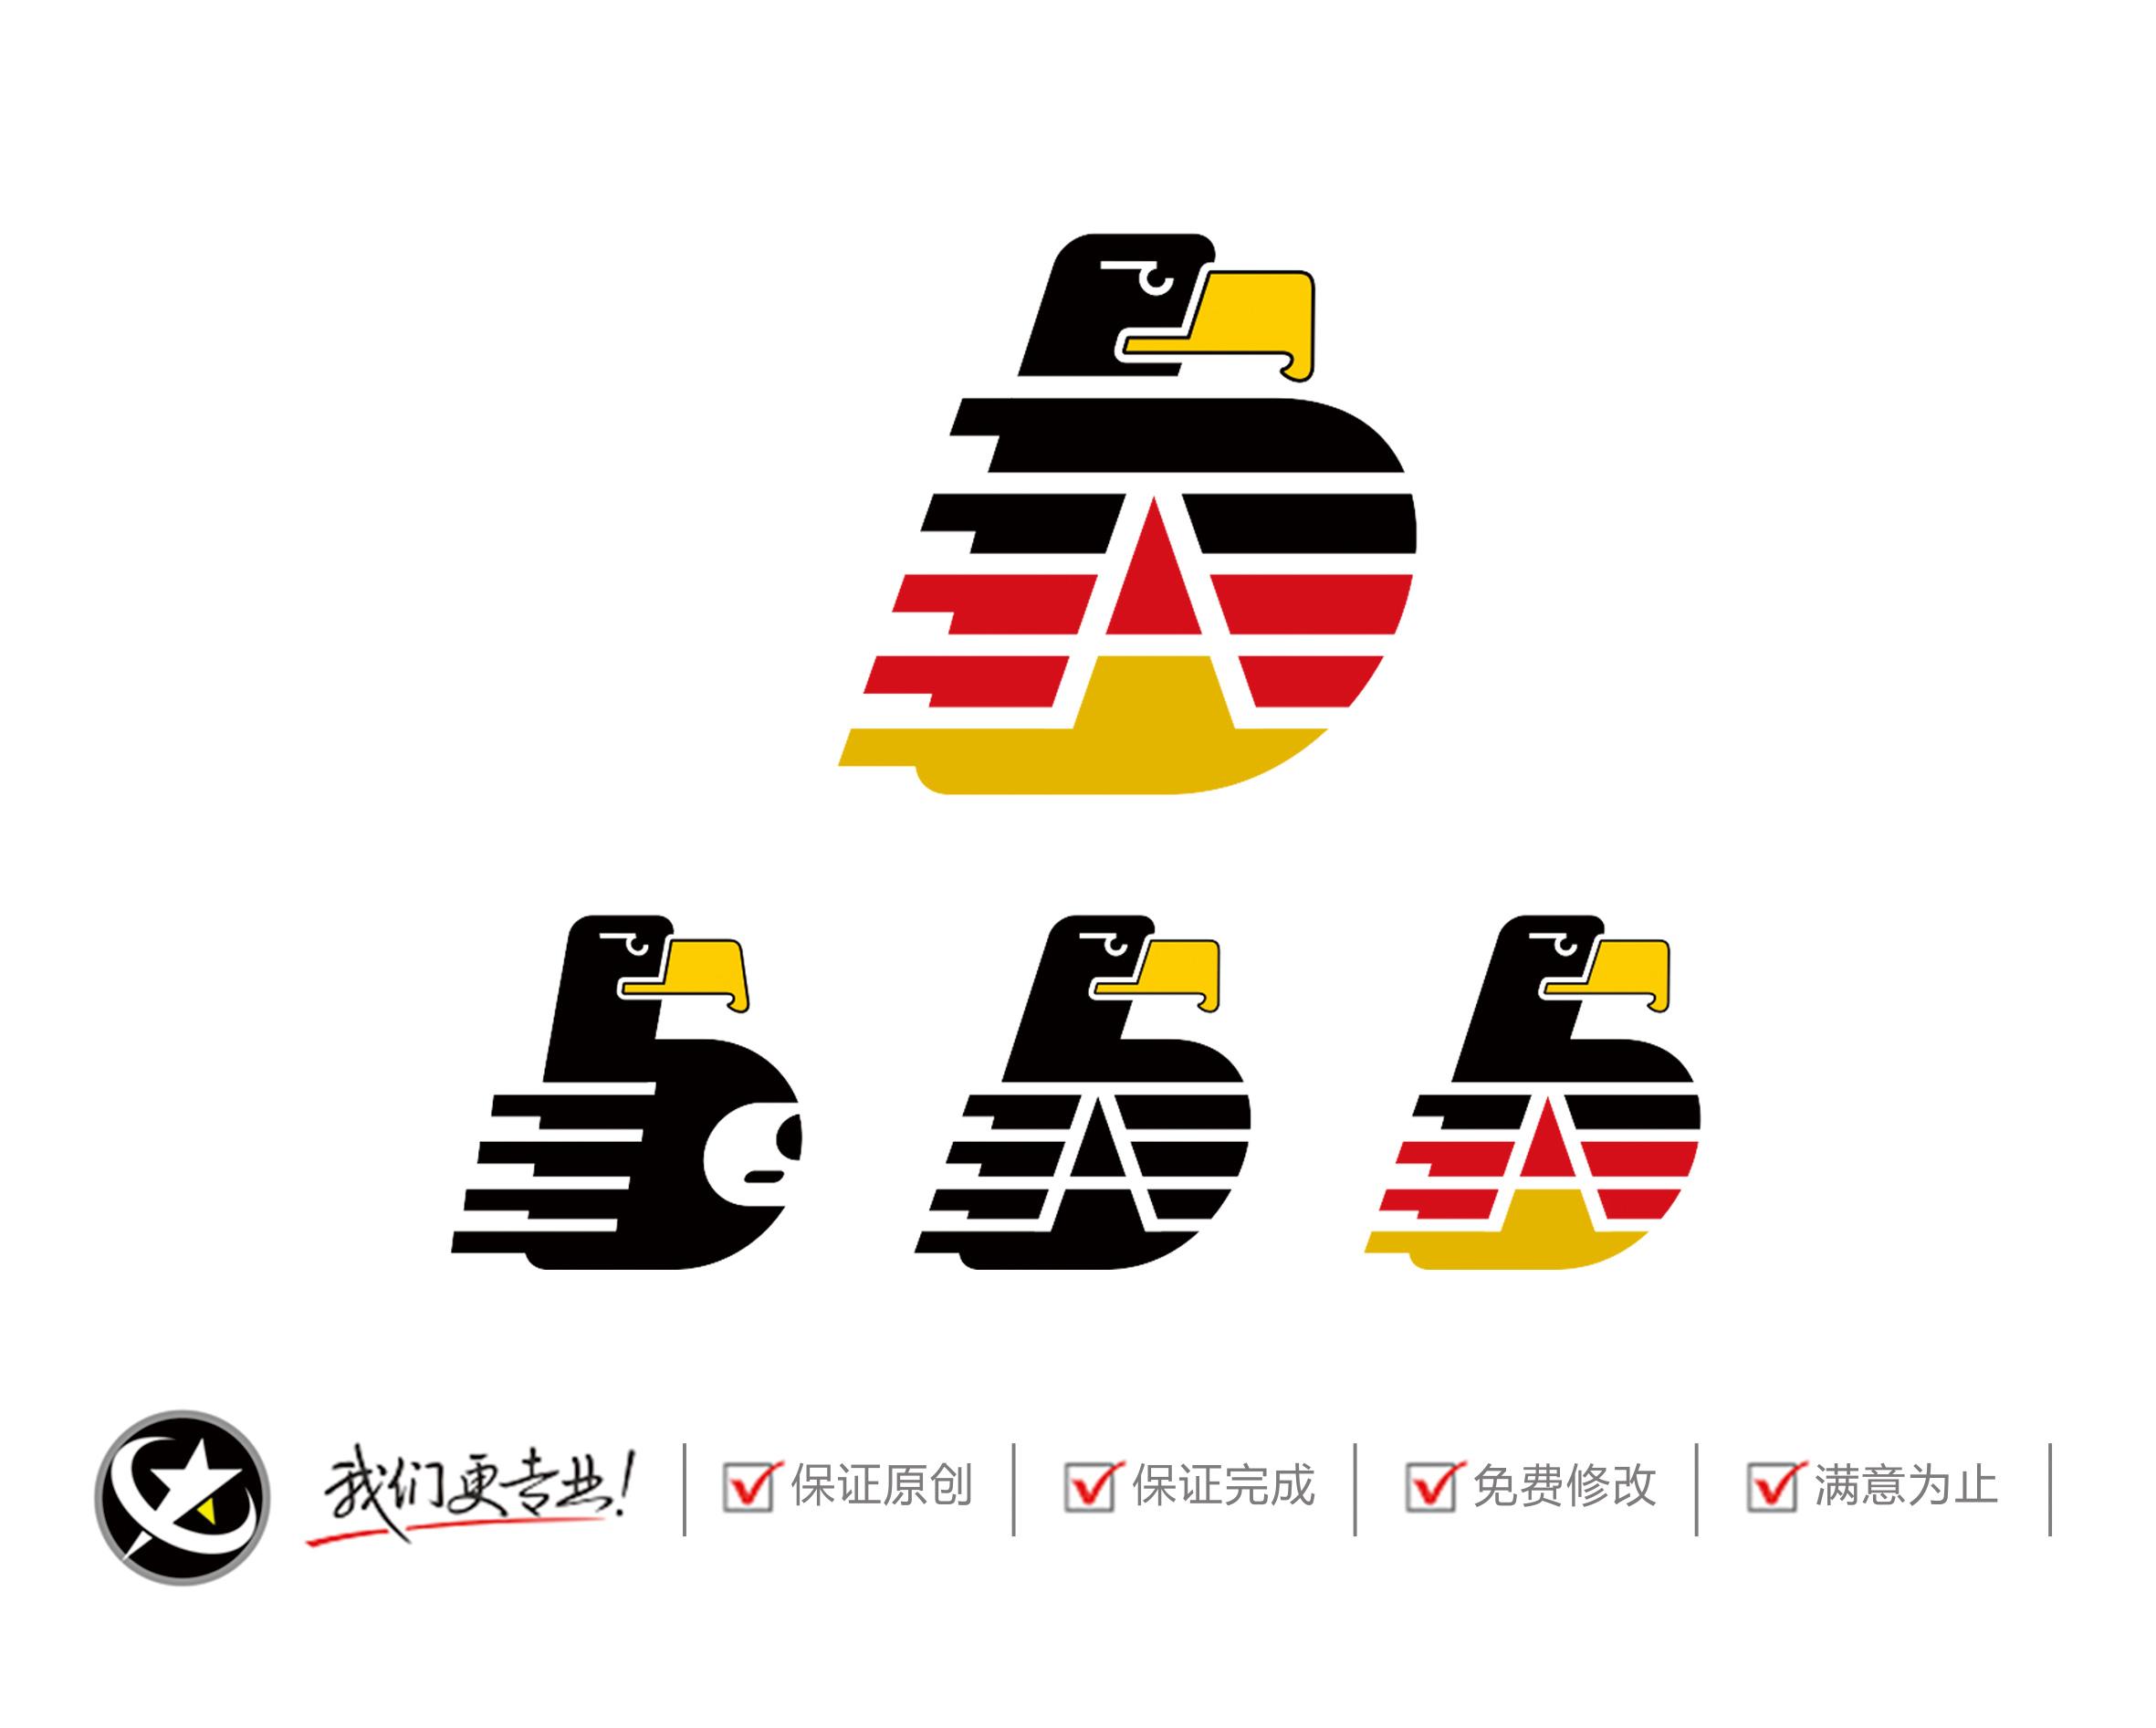 Logo修改或设计+网站小图标_3027562_k68威客网